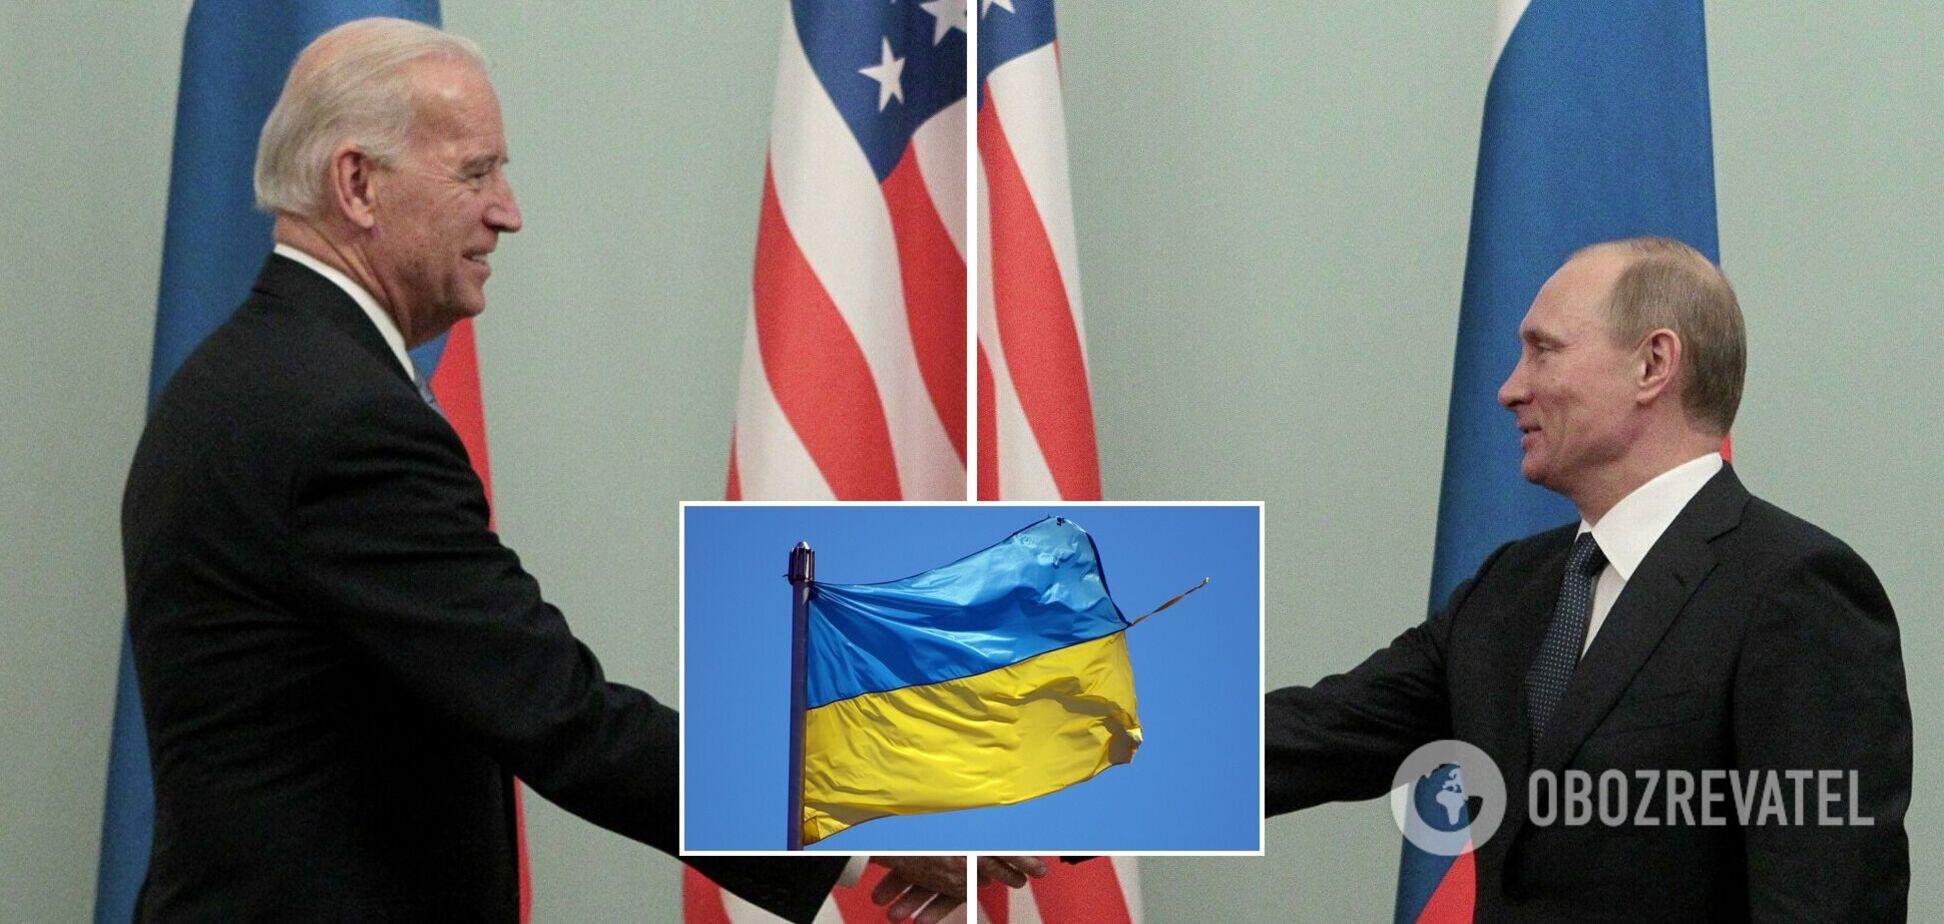 Украина и США скоординировали позиции накануне встречи Байдена с Путиным